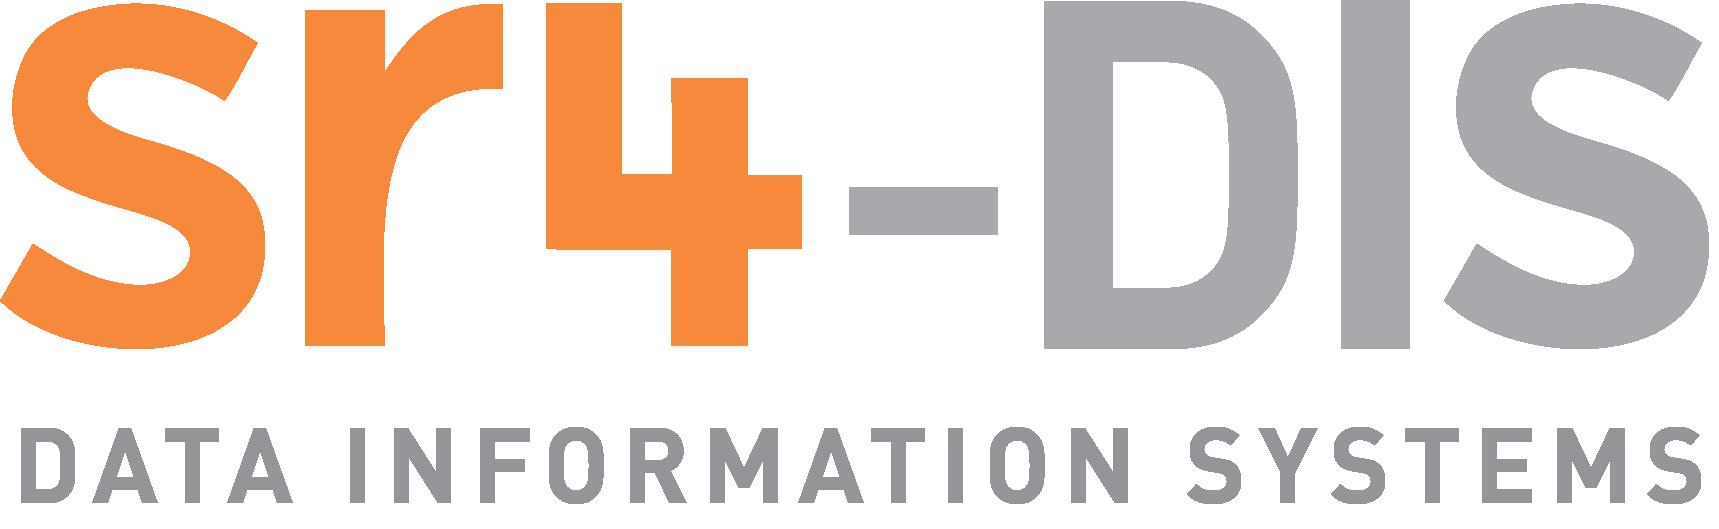 sr4DIS logo 20180606b.png